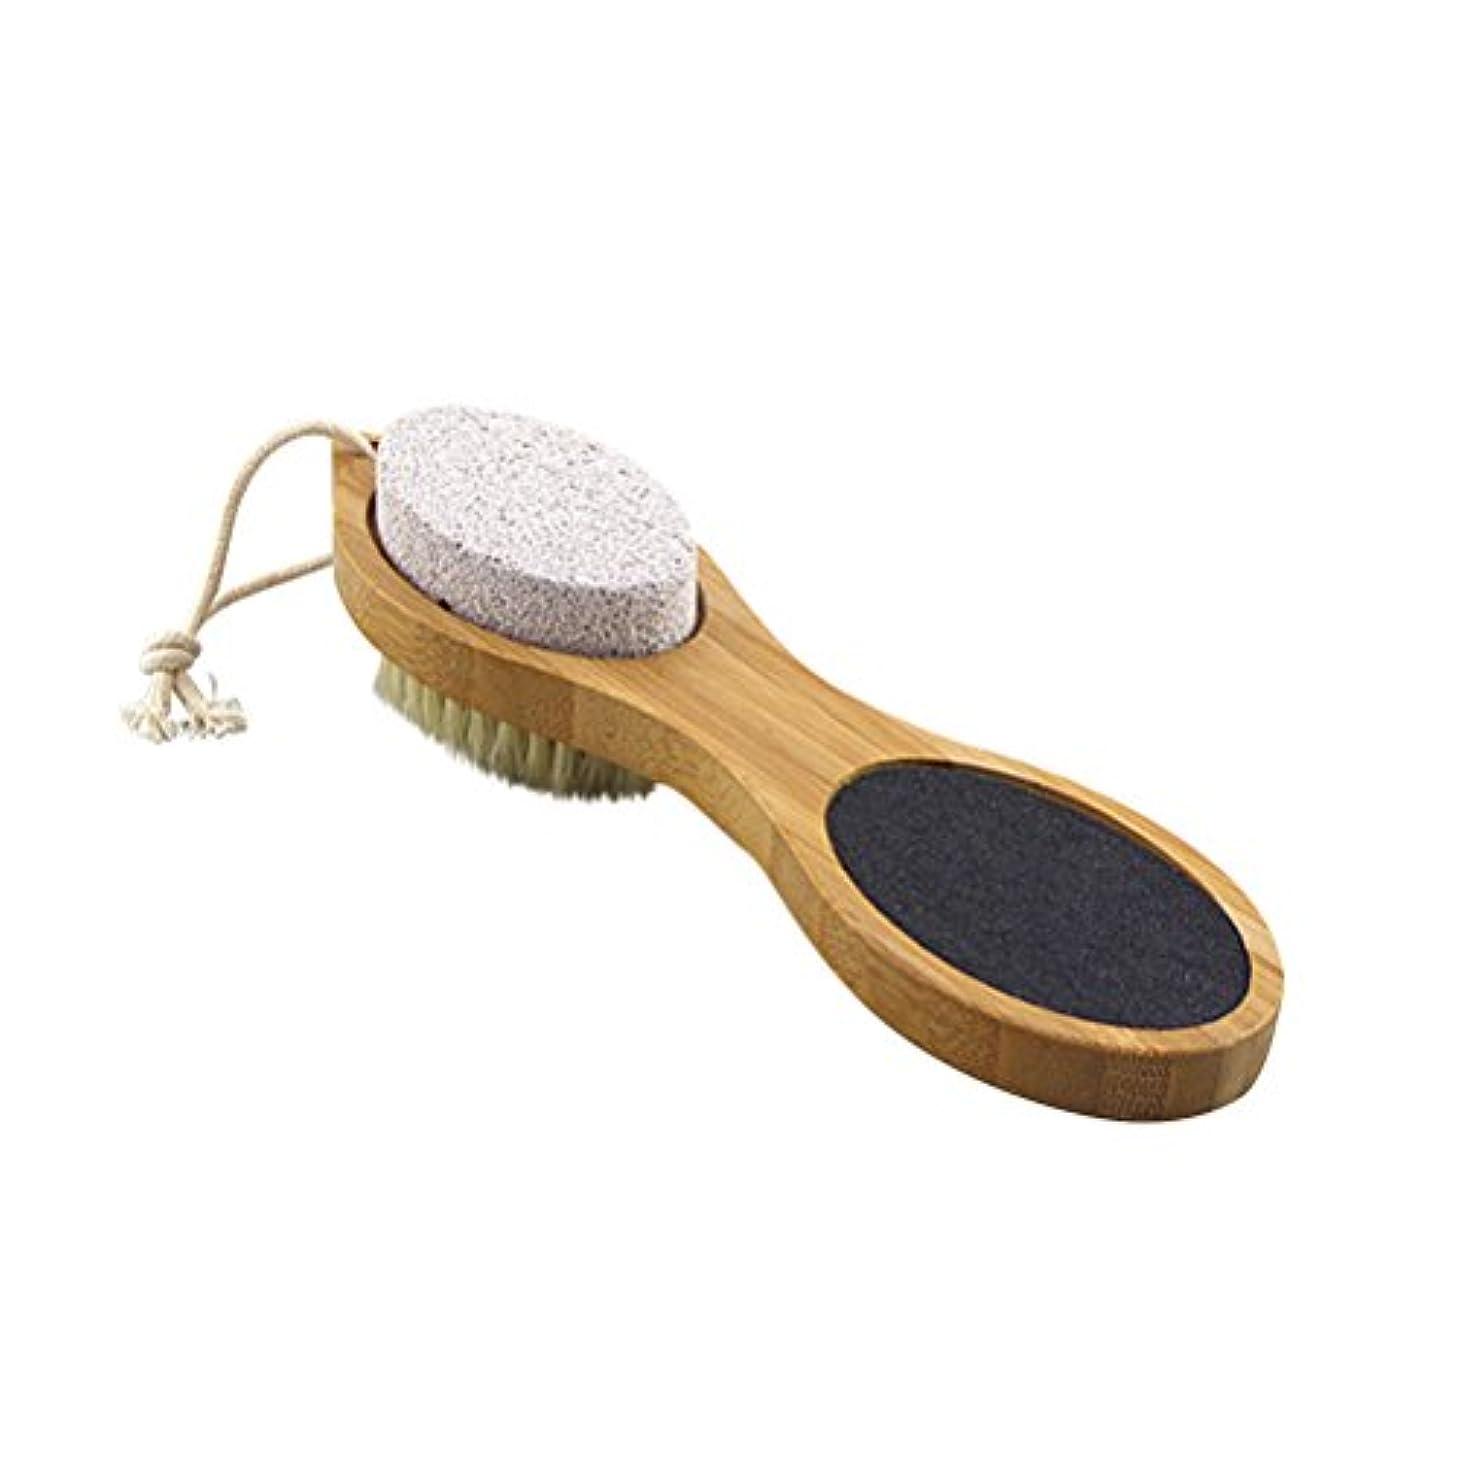 騒ぎ会議環境に優しいULTNICE 足ブラシ 角質除去 毛ブラシ?砂ブラシ?軽石ブラシ?鋼ブラシ ボディブラシ フットマッサージ